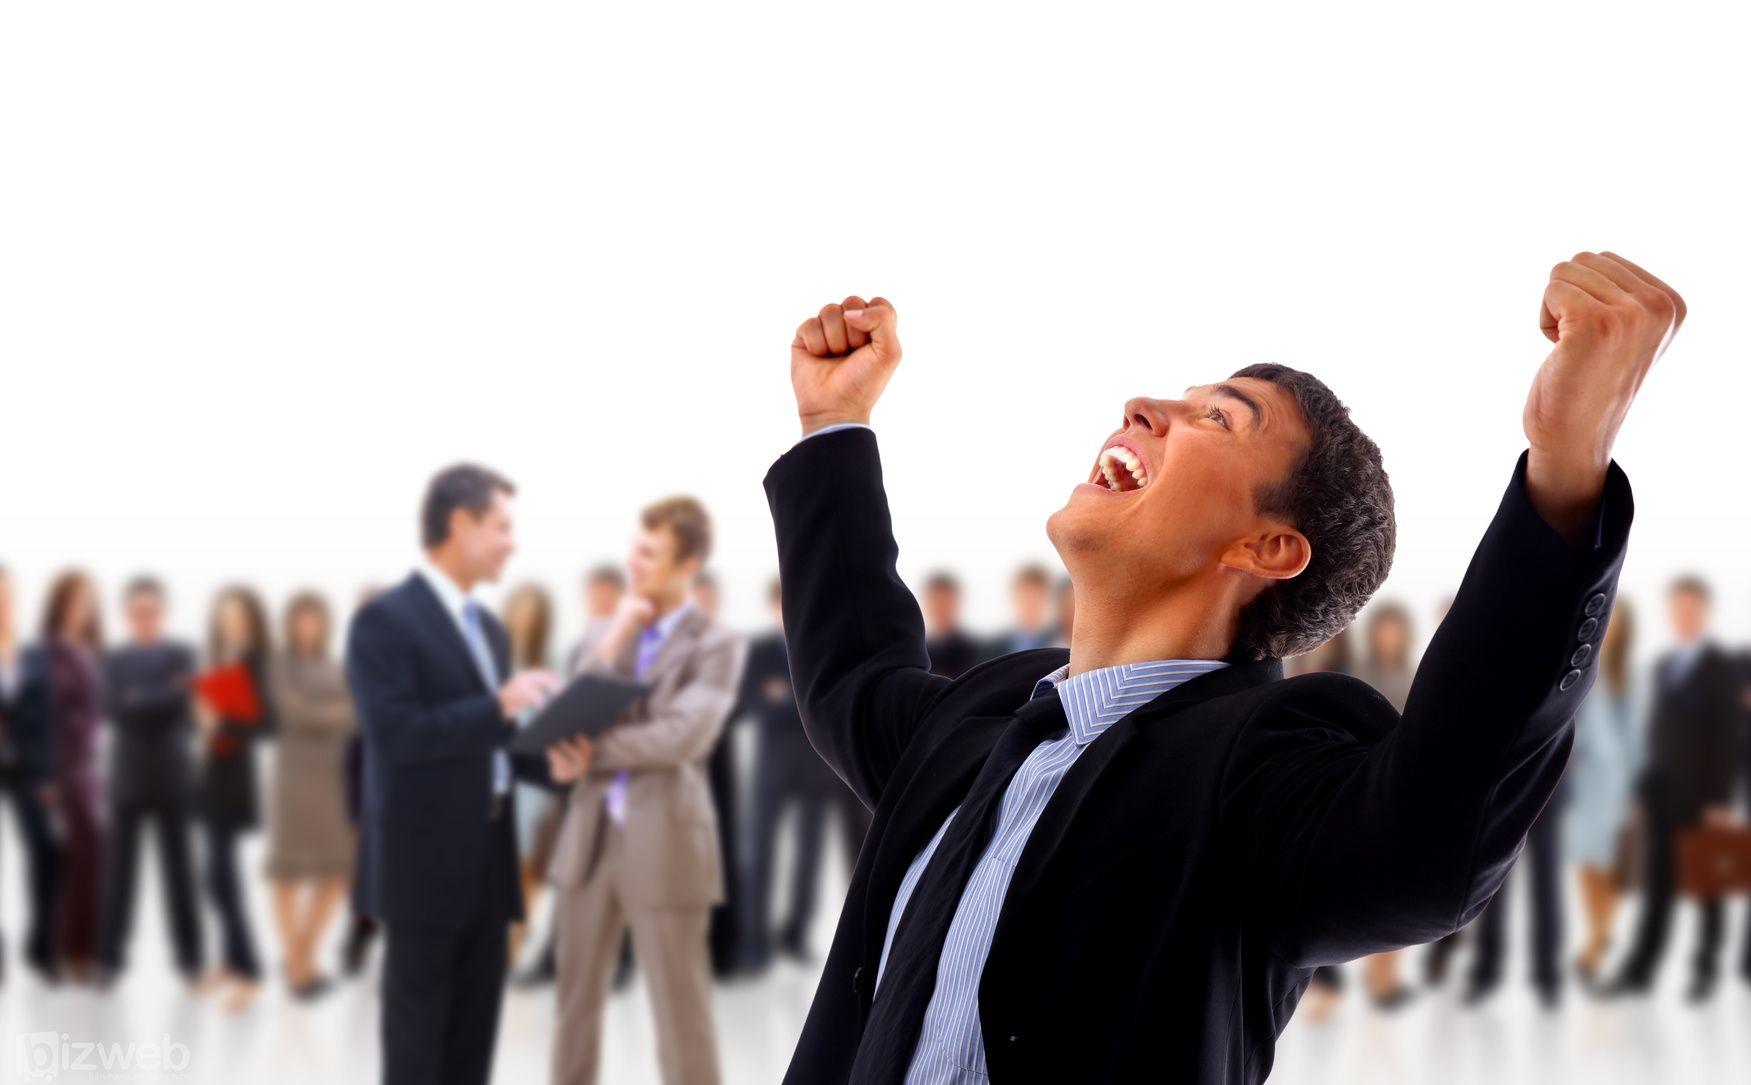 15 bí quyết giúp bạn quản trị cảm xúc để tiến tới thành công - Ảnh 3